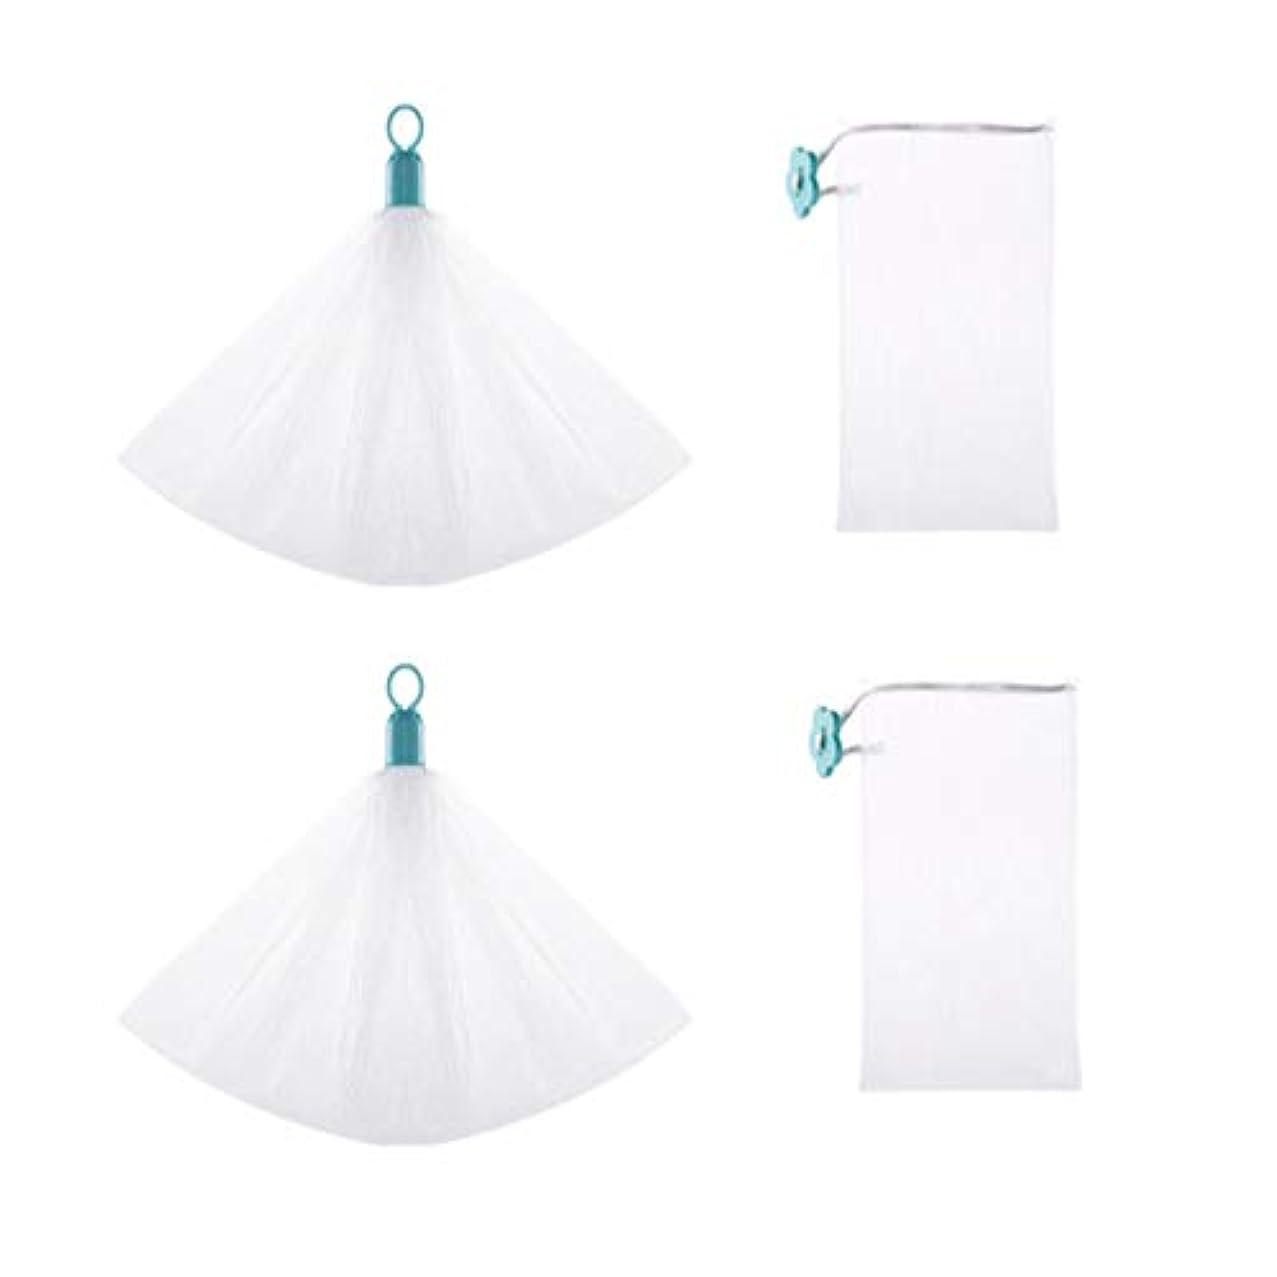 対抗非効率的なマティスMinkissy 4個ソープセーバーバッグ巾着ソープバッグ再利用可能な角質除去石鹸ポーチクリーニングシャワー用